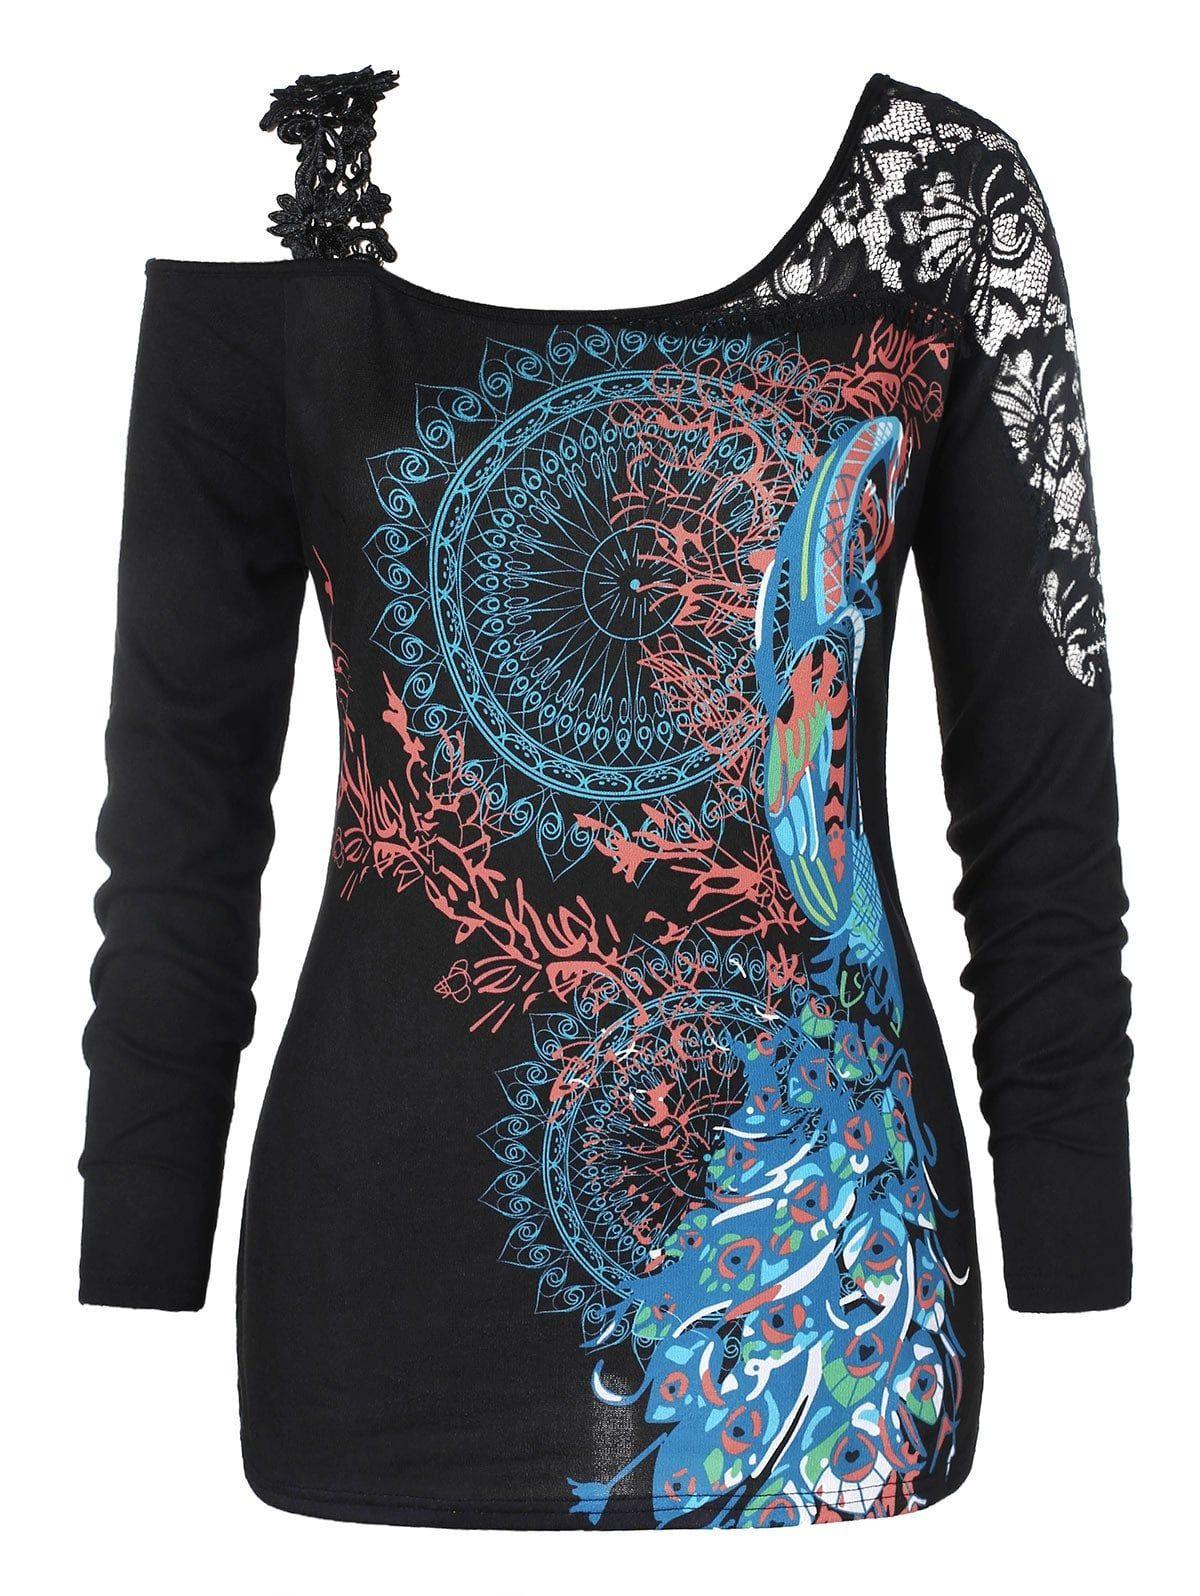 afd43a93068 Plus Size Ethnic Print Open Shoulder T-shirt